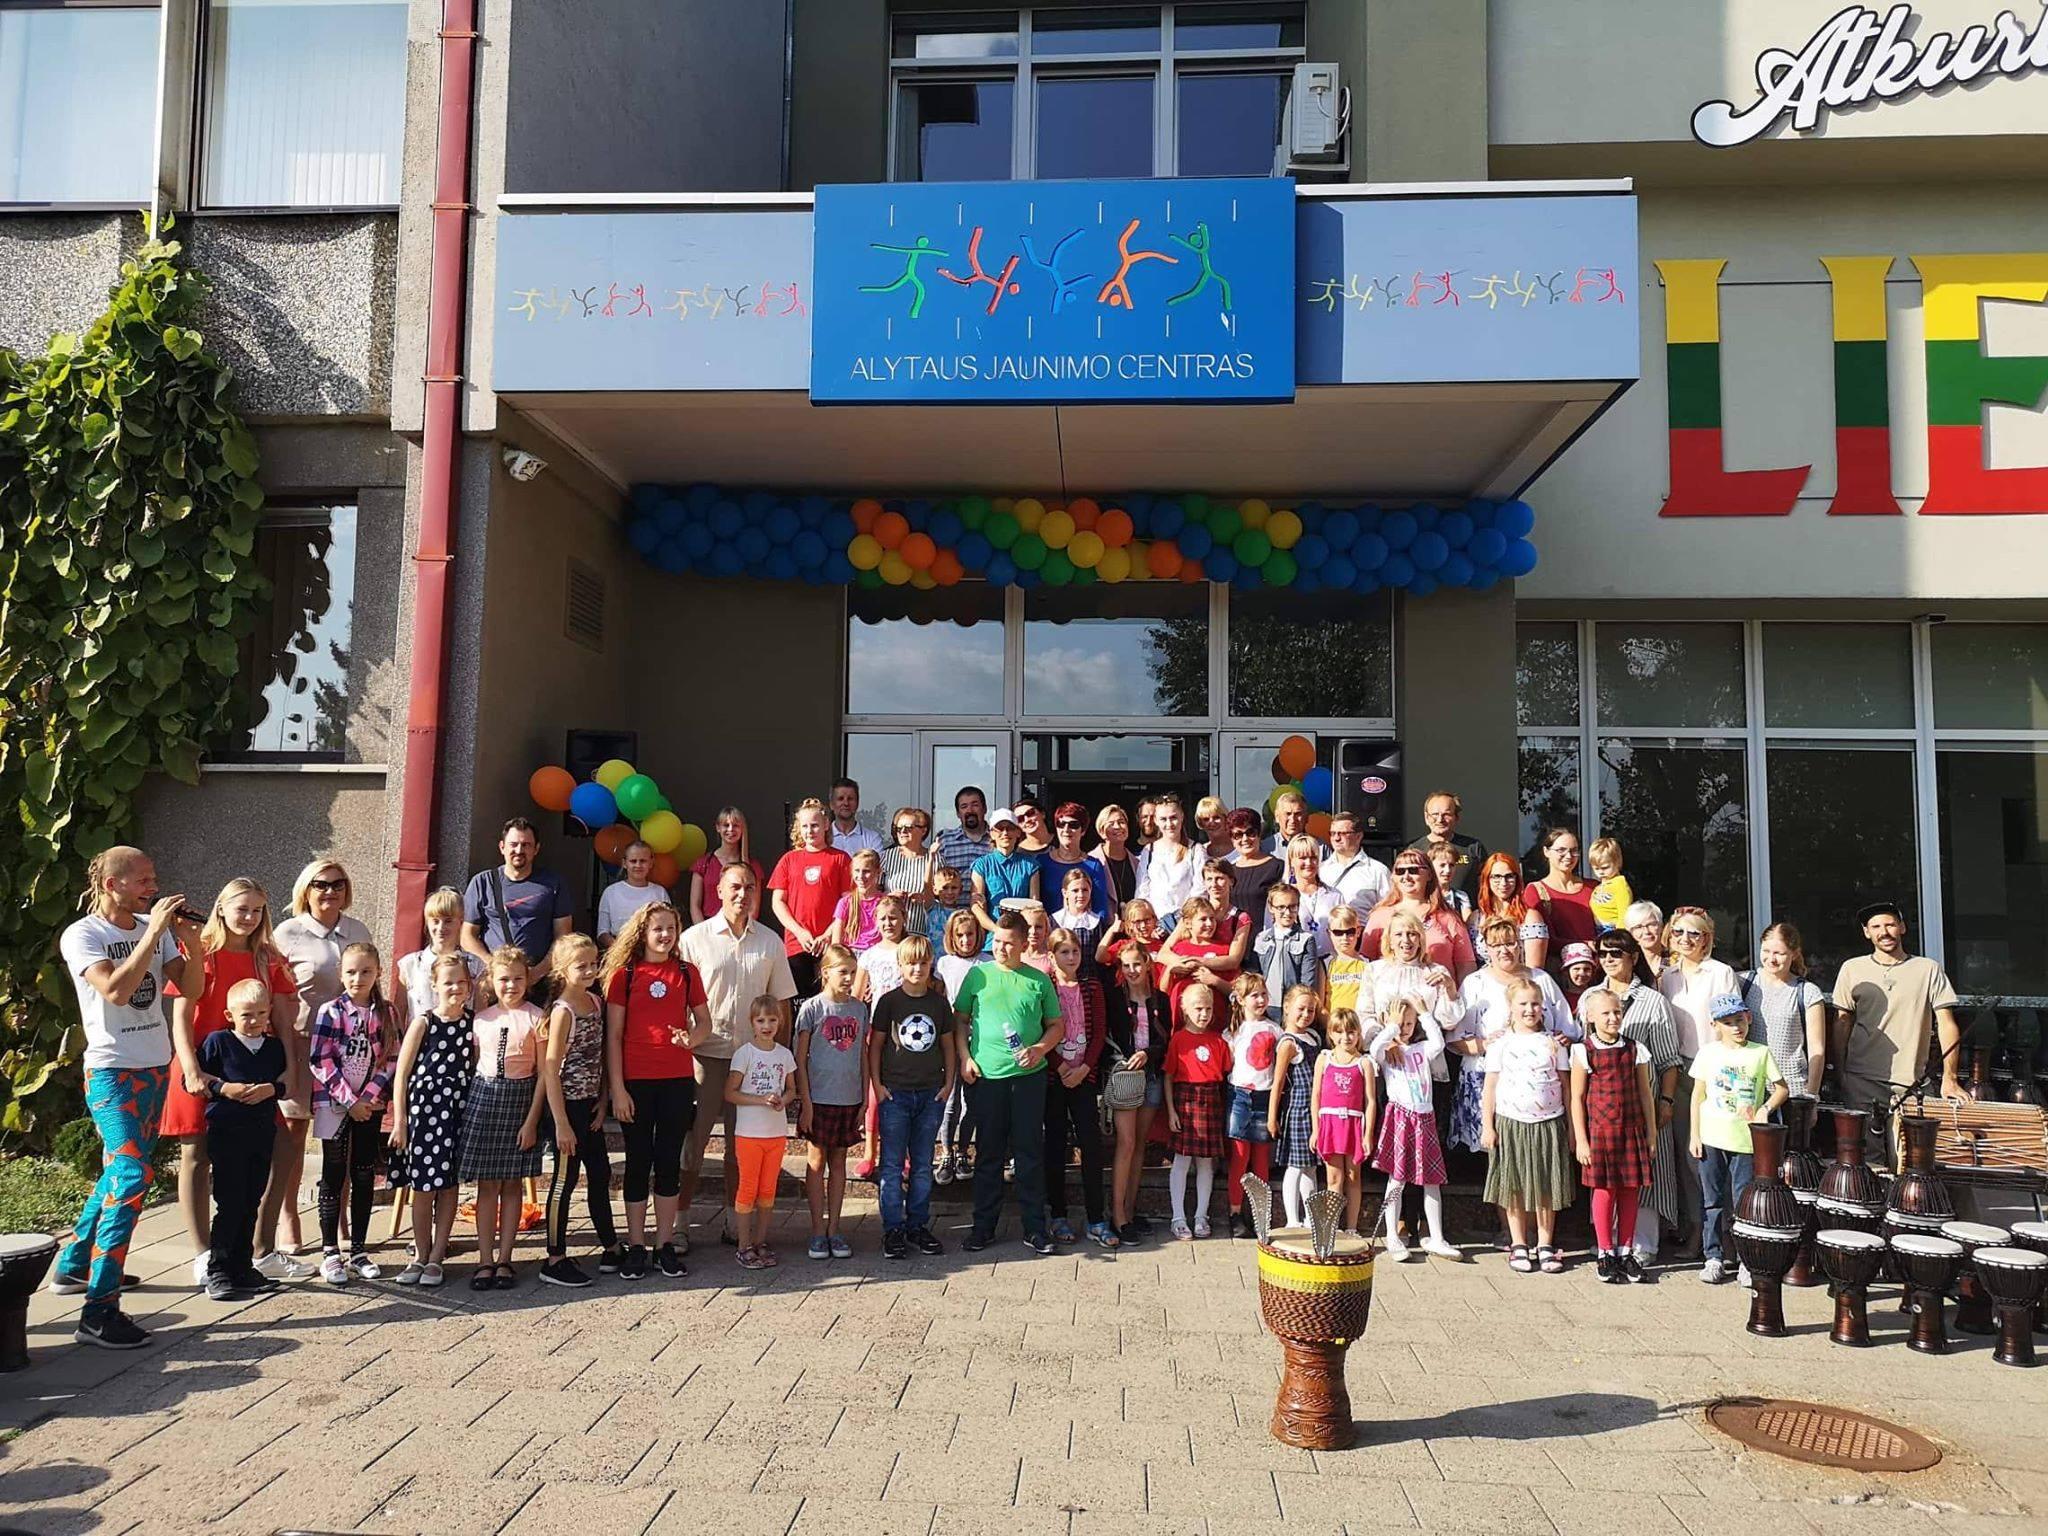 Alytaus jaunimo centras naujus mokslo metus pasitiko garsiai